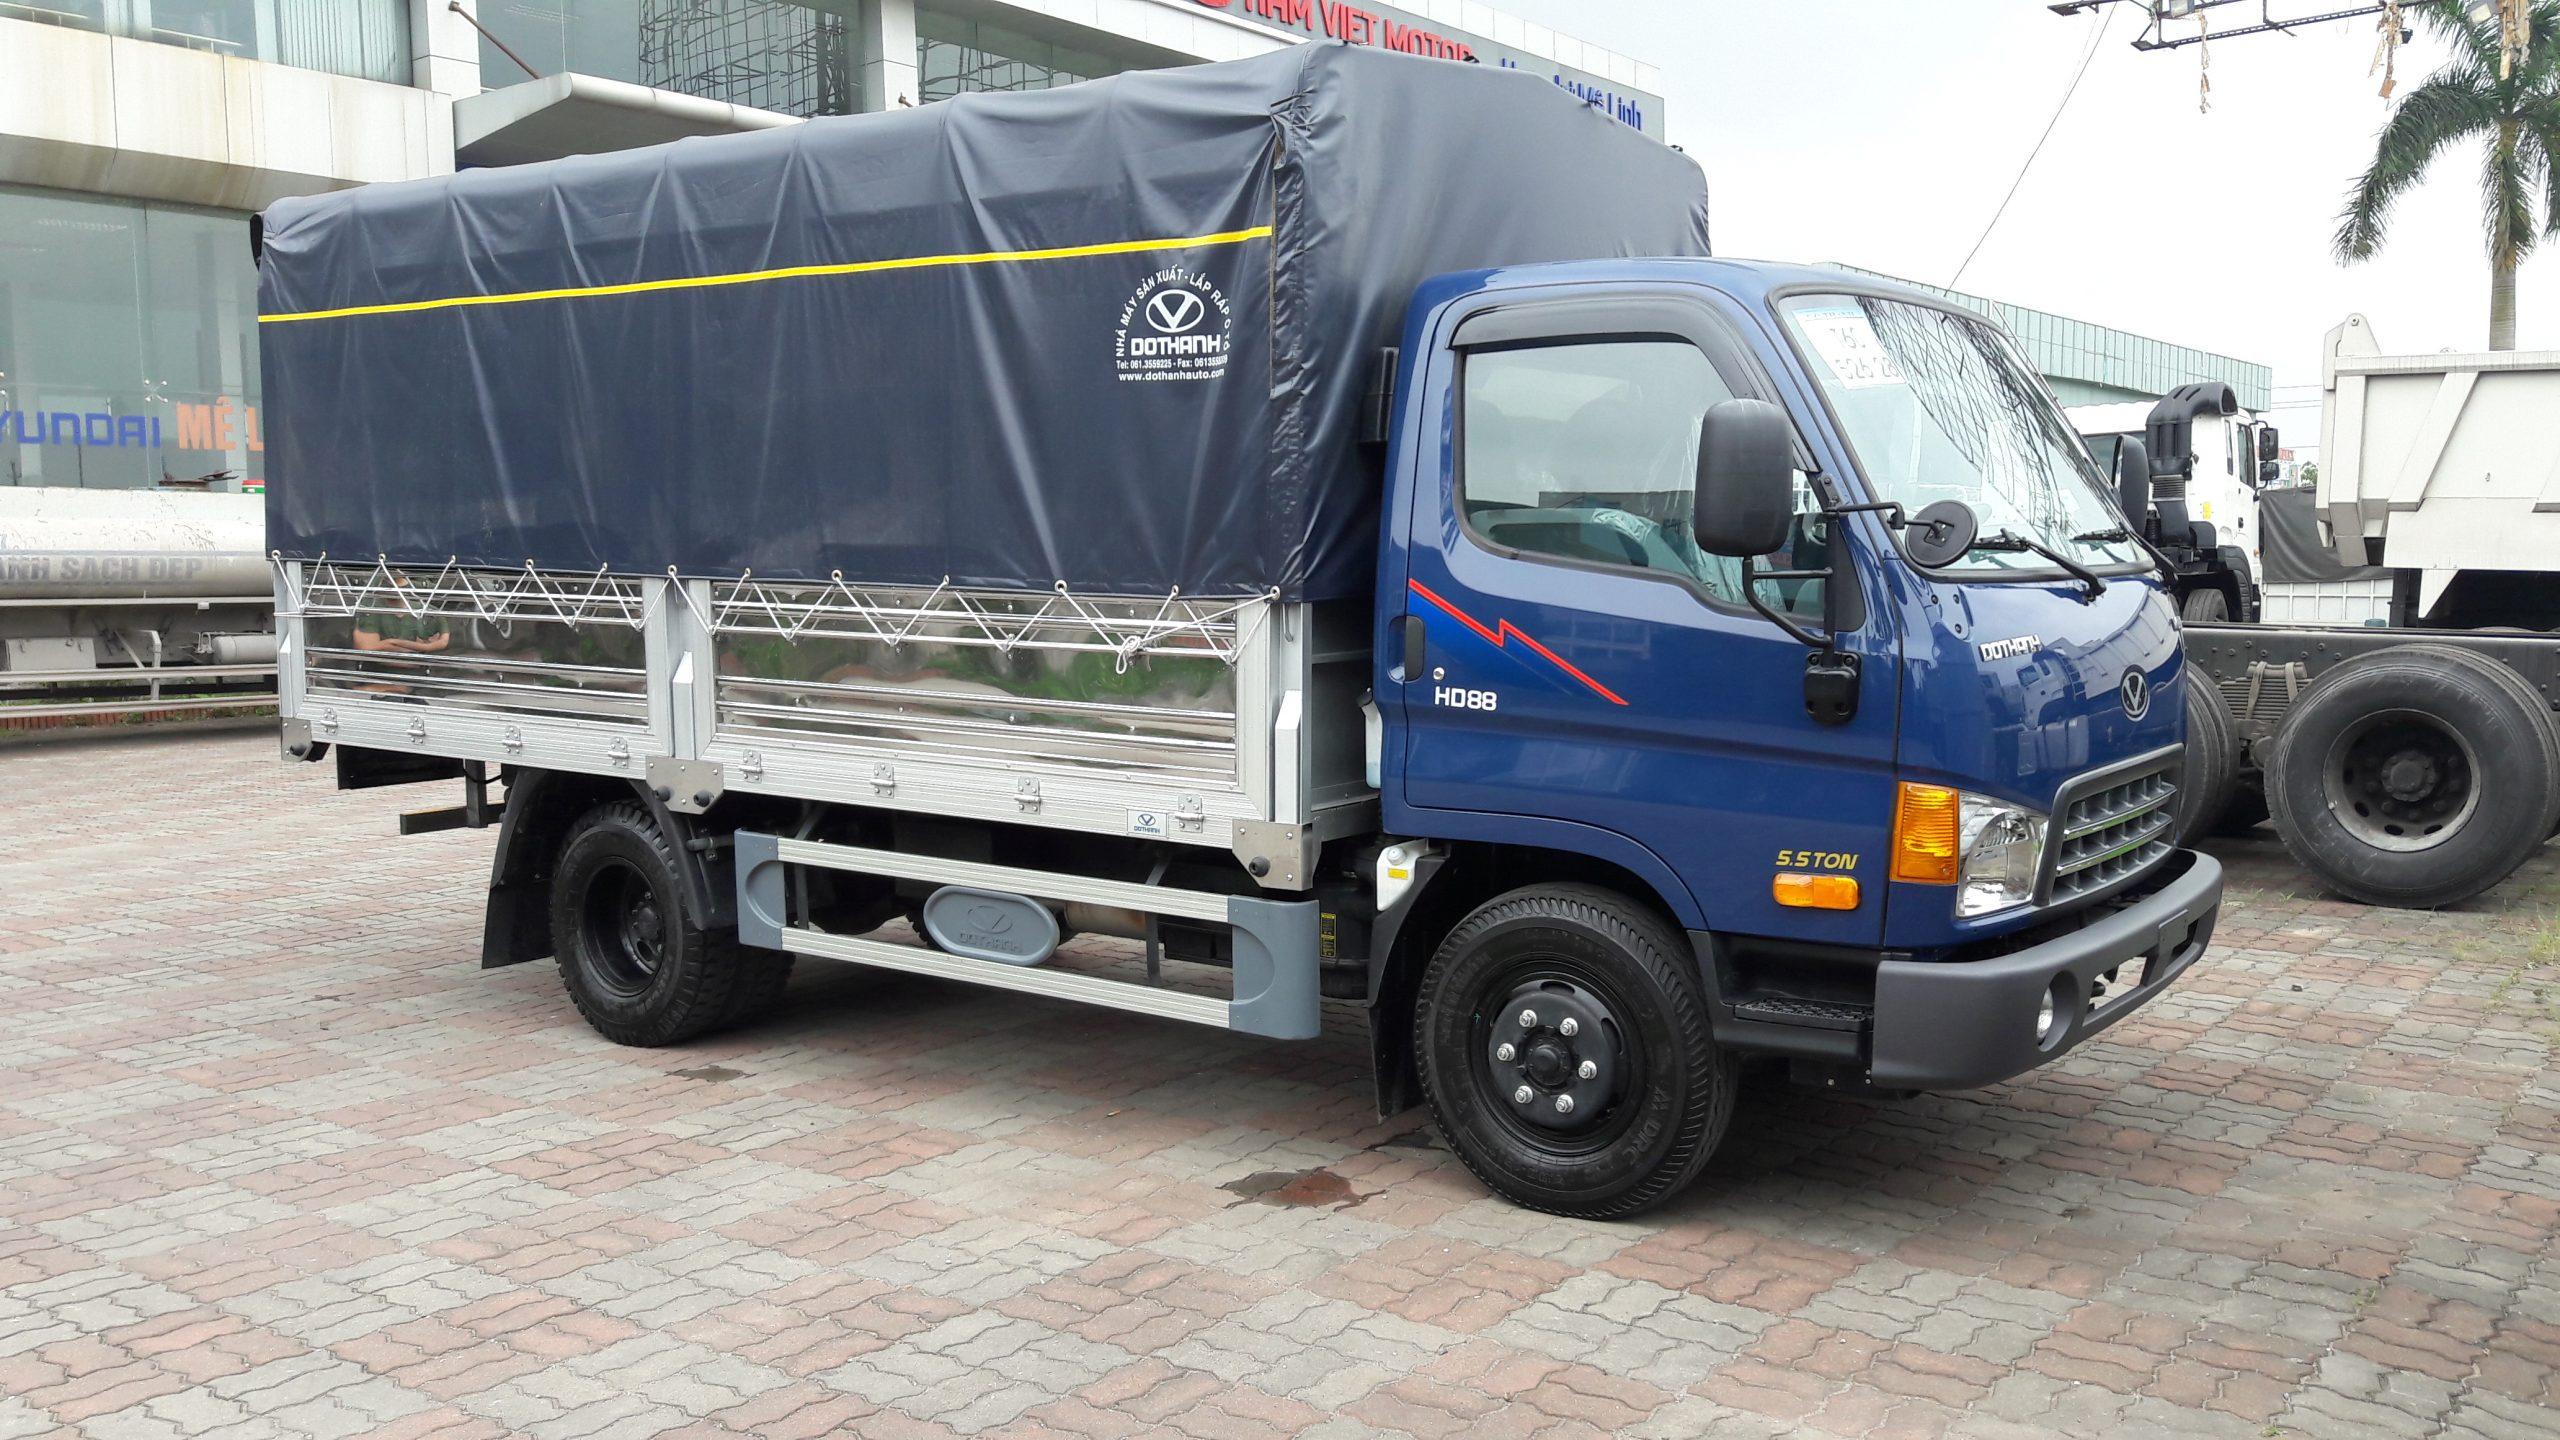 Bán xe tải 5 tấn cũ ở Thái Bình